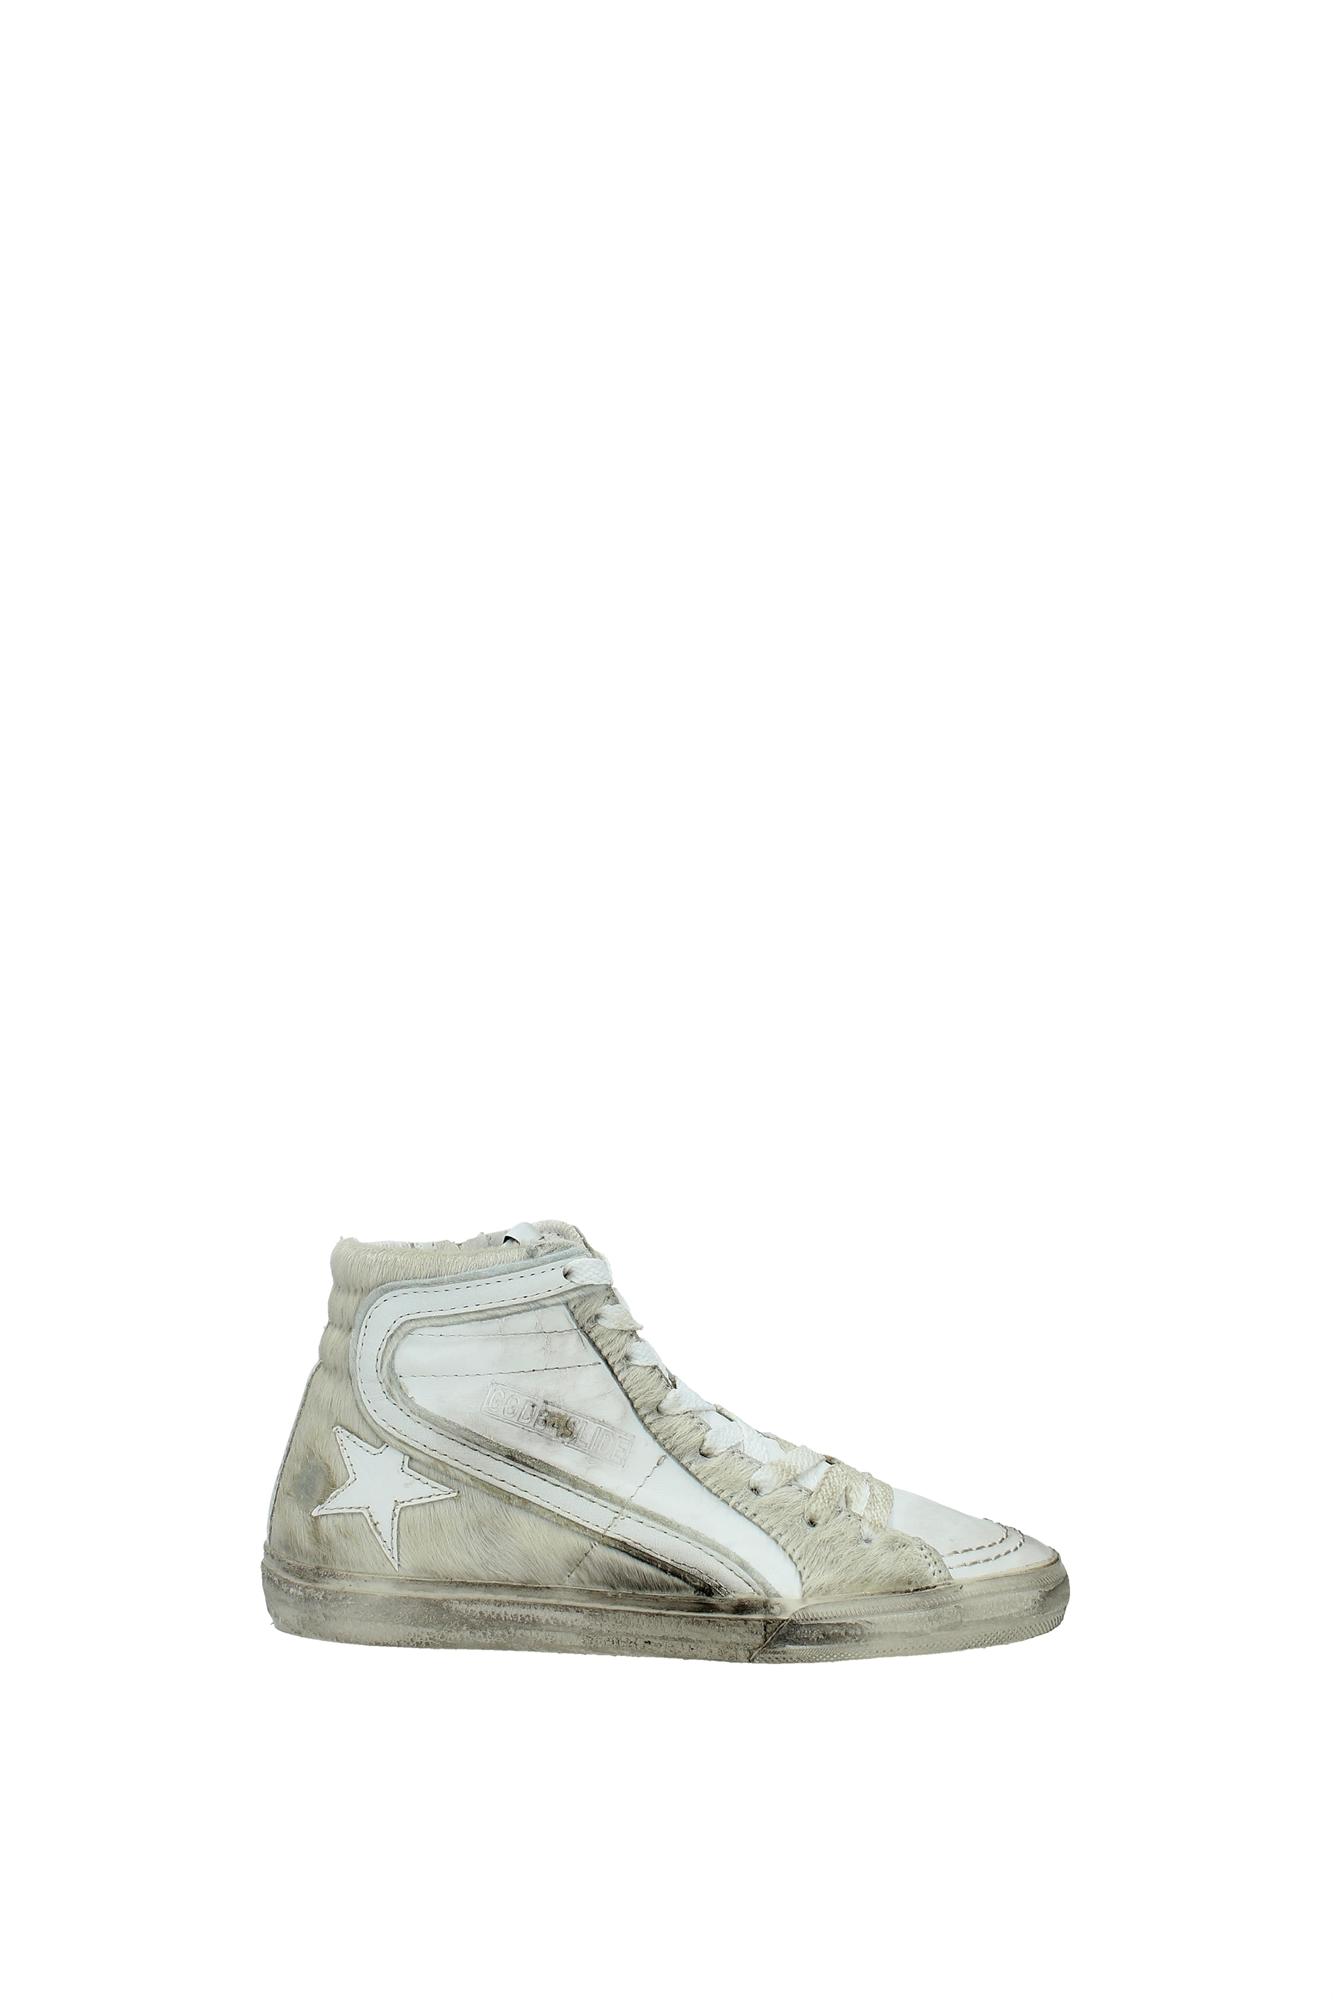 sneakers golden goose damen leder wei g27d124uma ebay. Black Bedroom Furniture Sets. Home Design Ideas